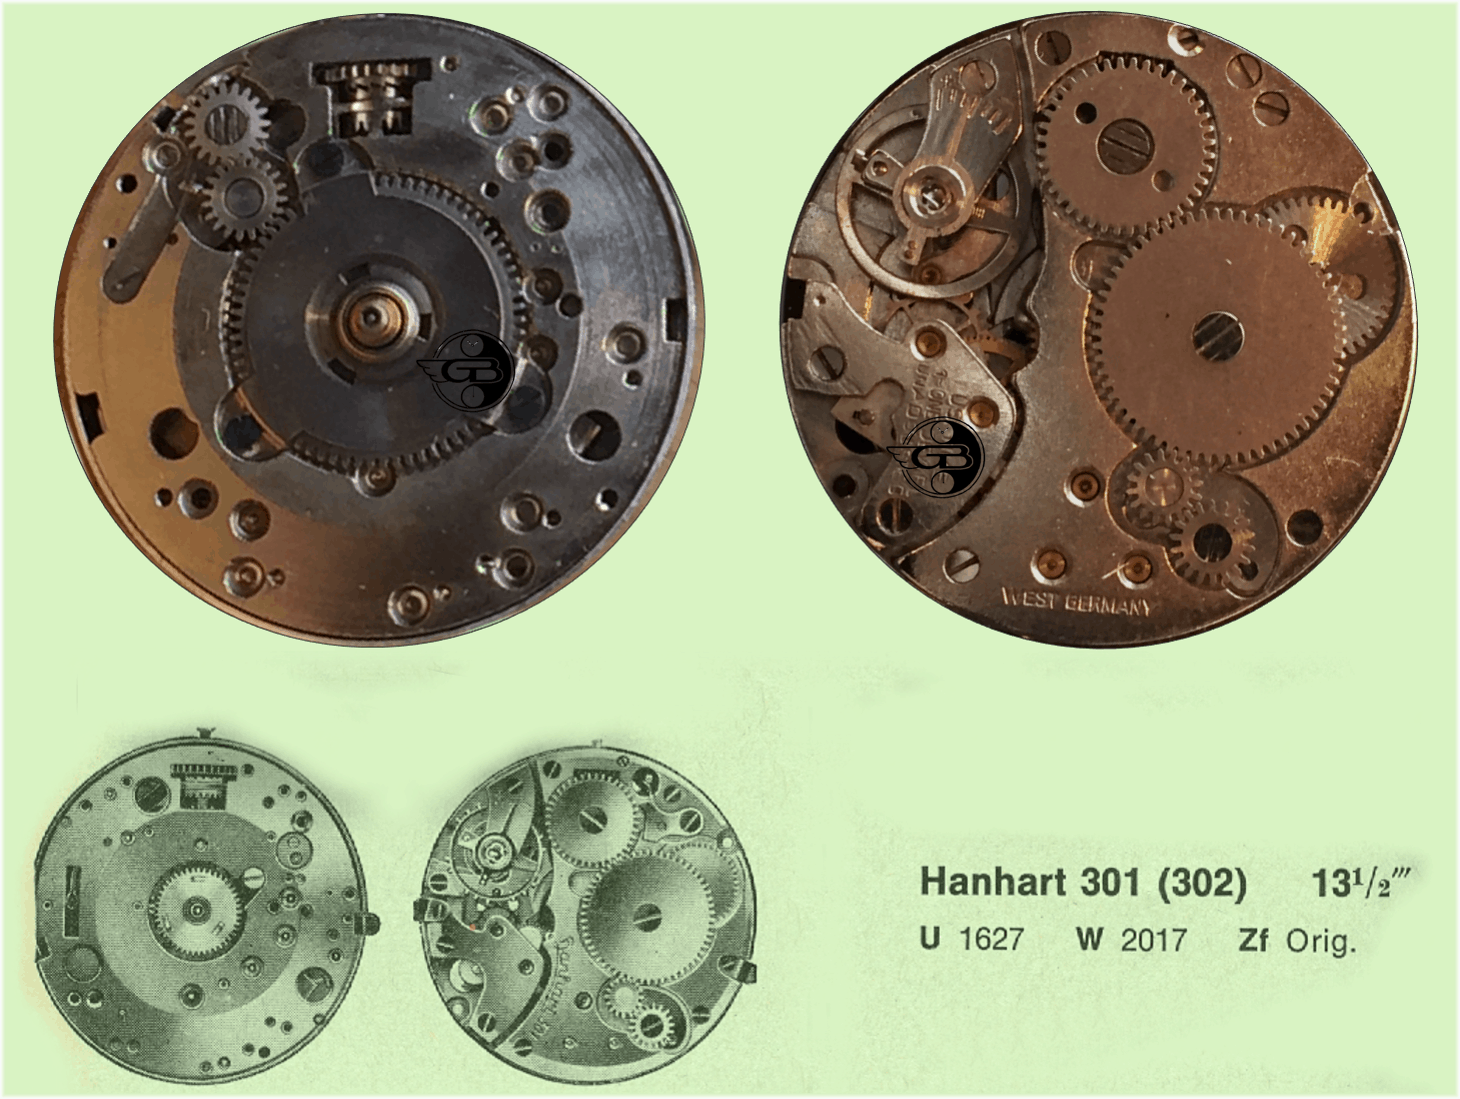 Weckerkaliber 301 / 302 von Hanhart. Unten das Kaliber 301. Oben die auch für den Export in die USA bestimmte Version 302.